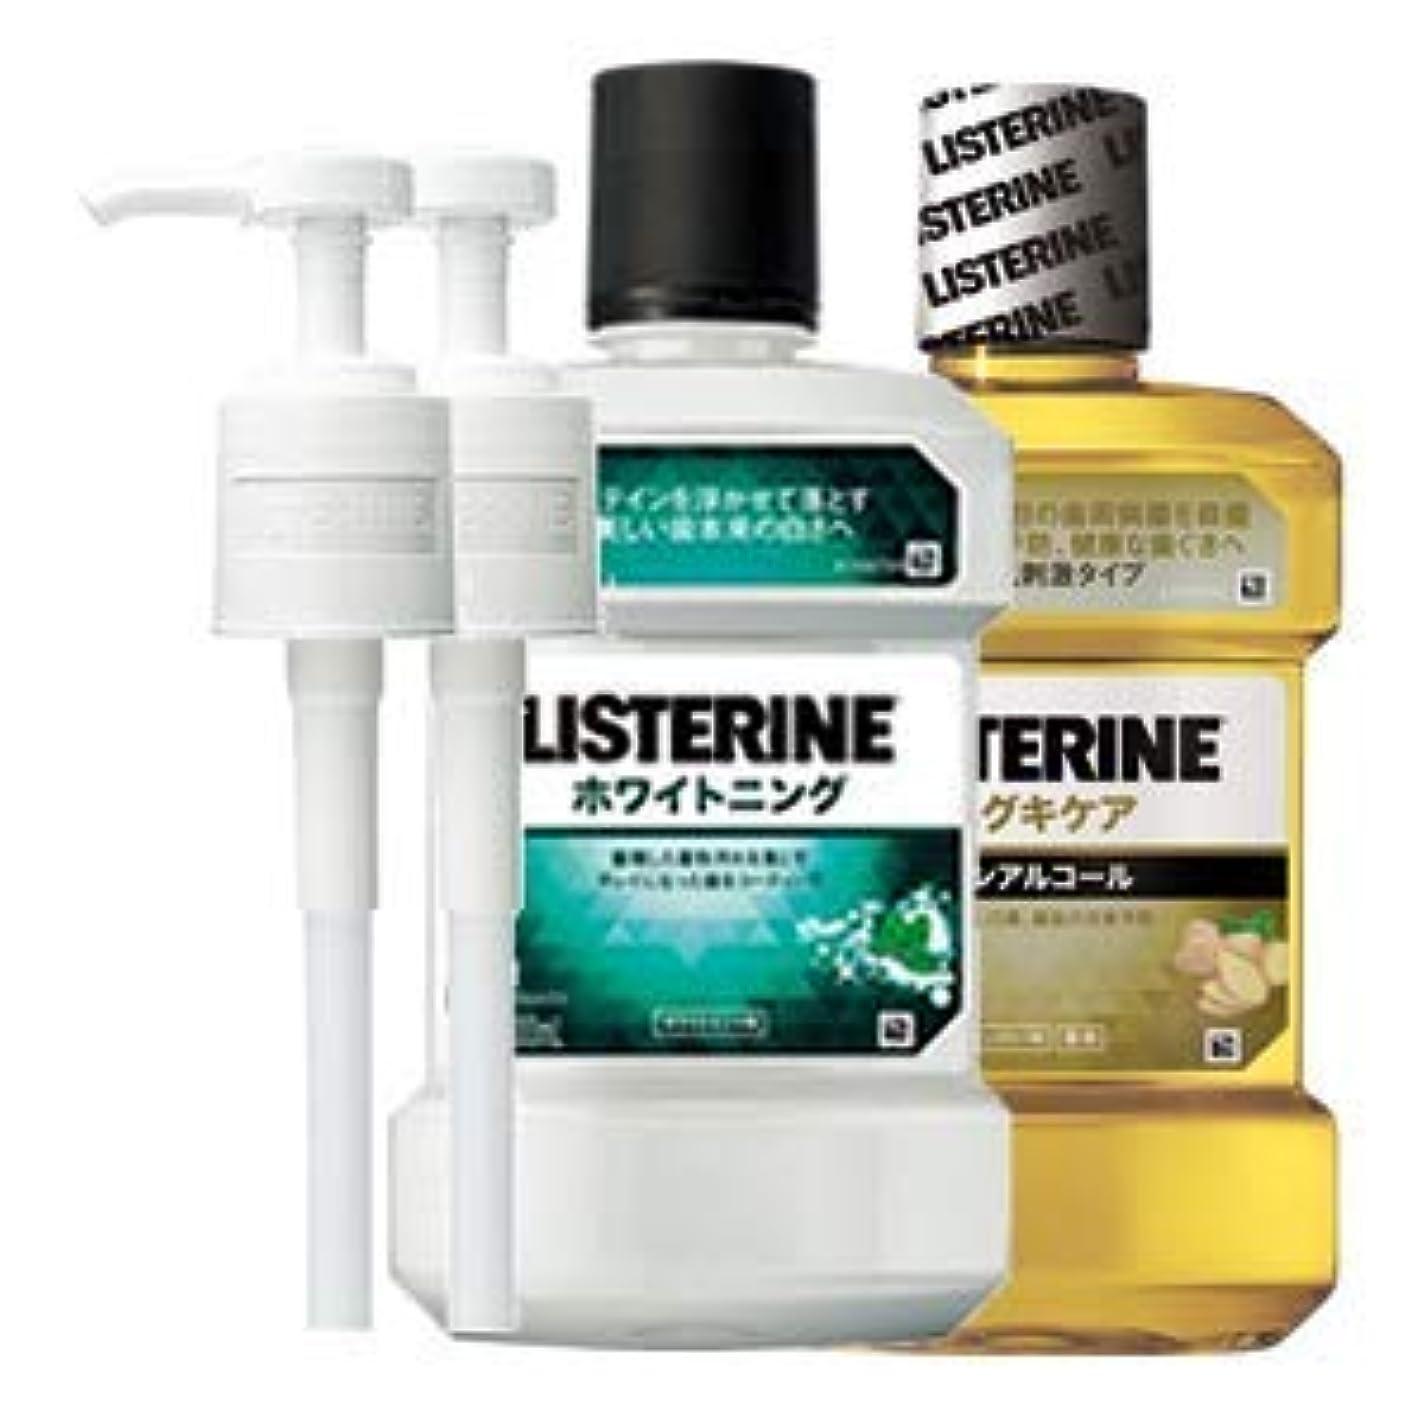 プランター毎回ピュー薬用 リステリン ホワイトニング ハグキケア 1000mL 2点セット (ポンプ付)